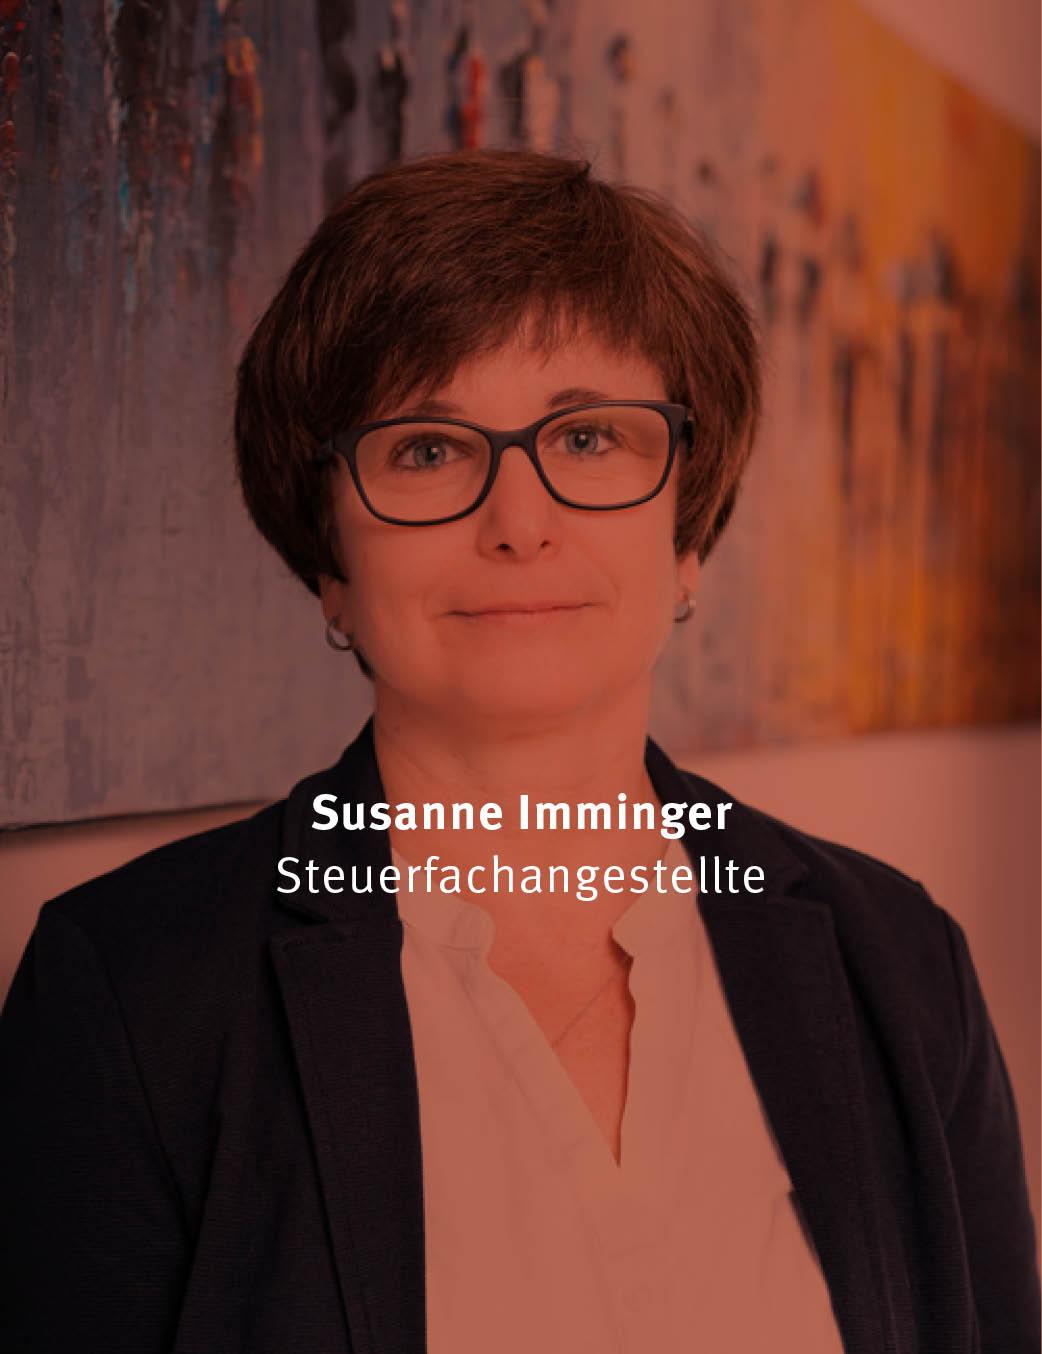 Susanne Imminger SteuerfachangestellteSteuerberater Langenau Klaiber, Lotspeich, Kneer, Anhorn, Stiele, Partnerschaft mbB, Steuer, Langenau